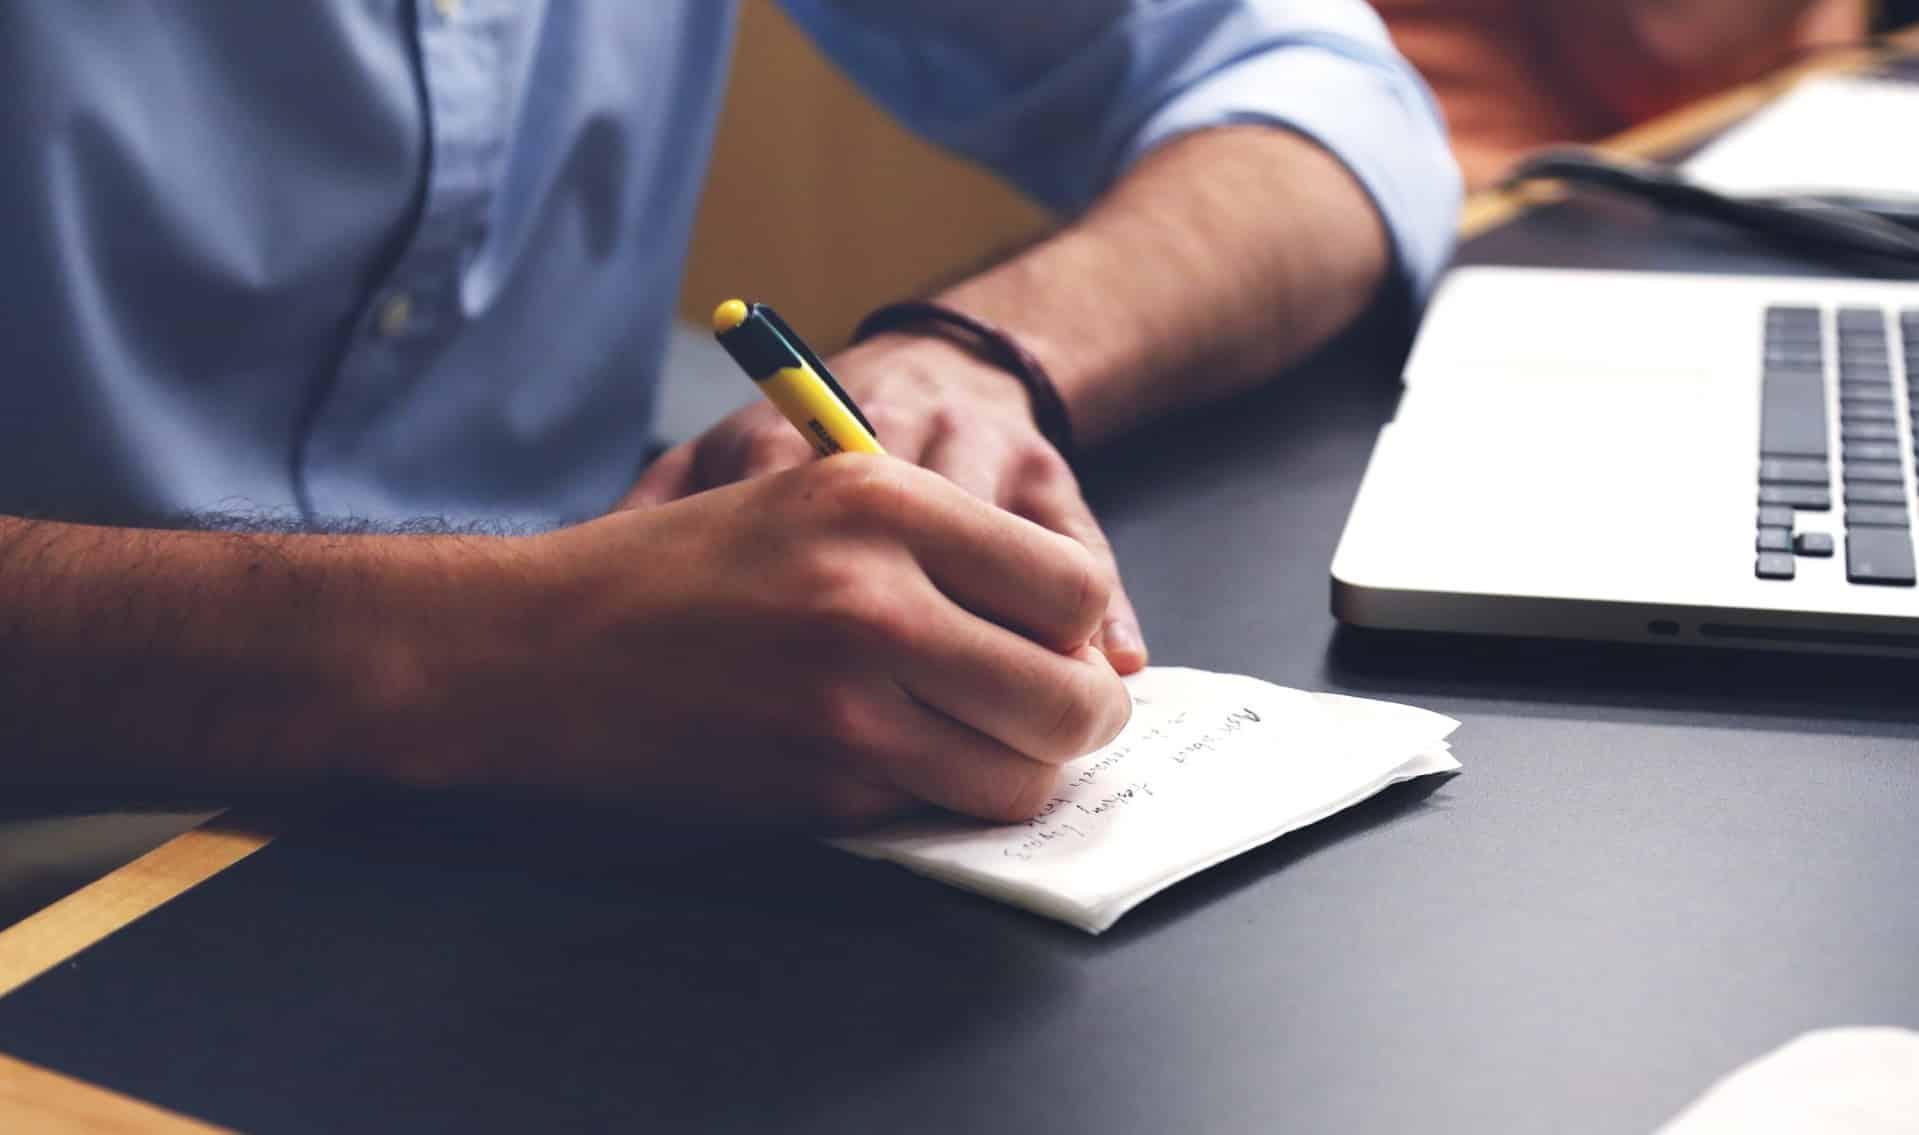 Entretien d'embauche : 5 questions pièges et leurs réponses